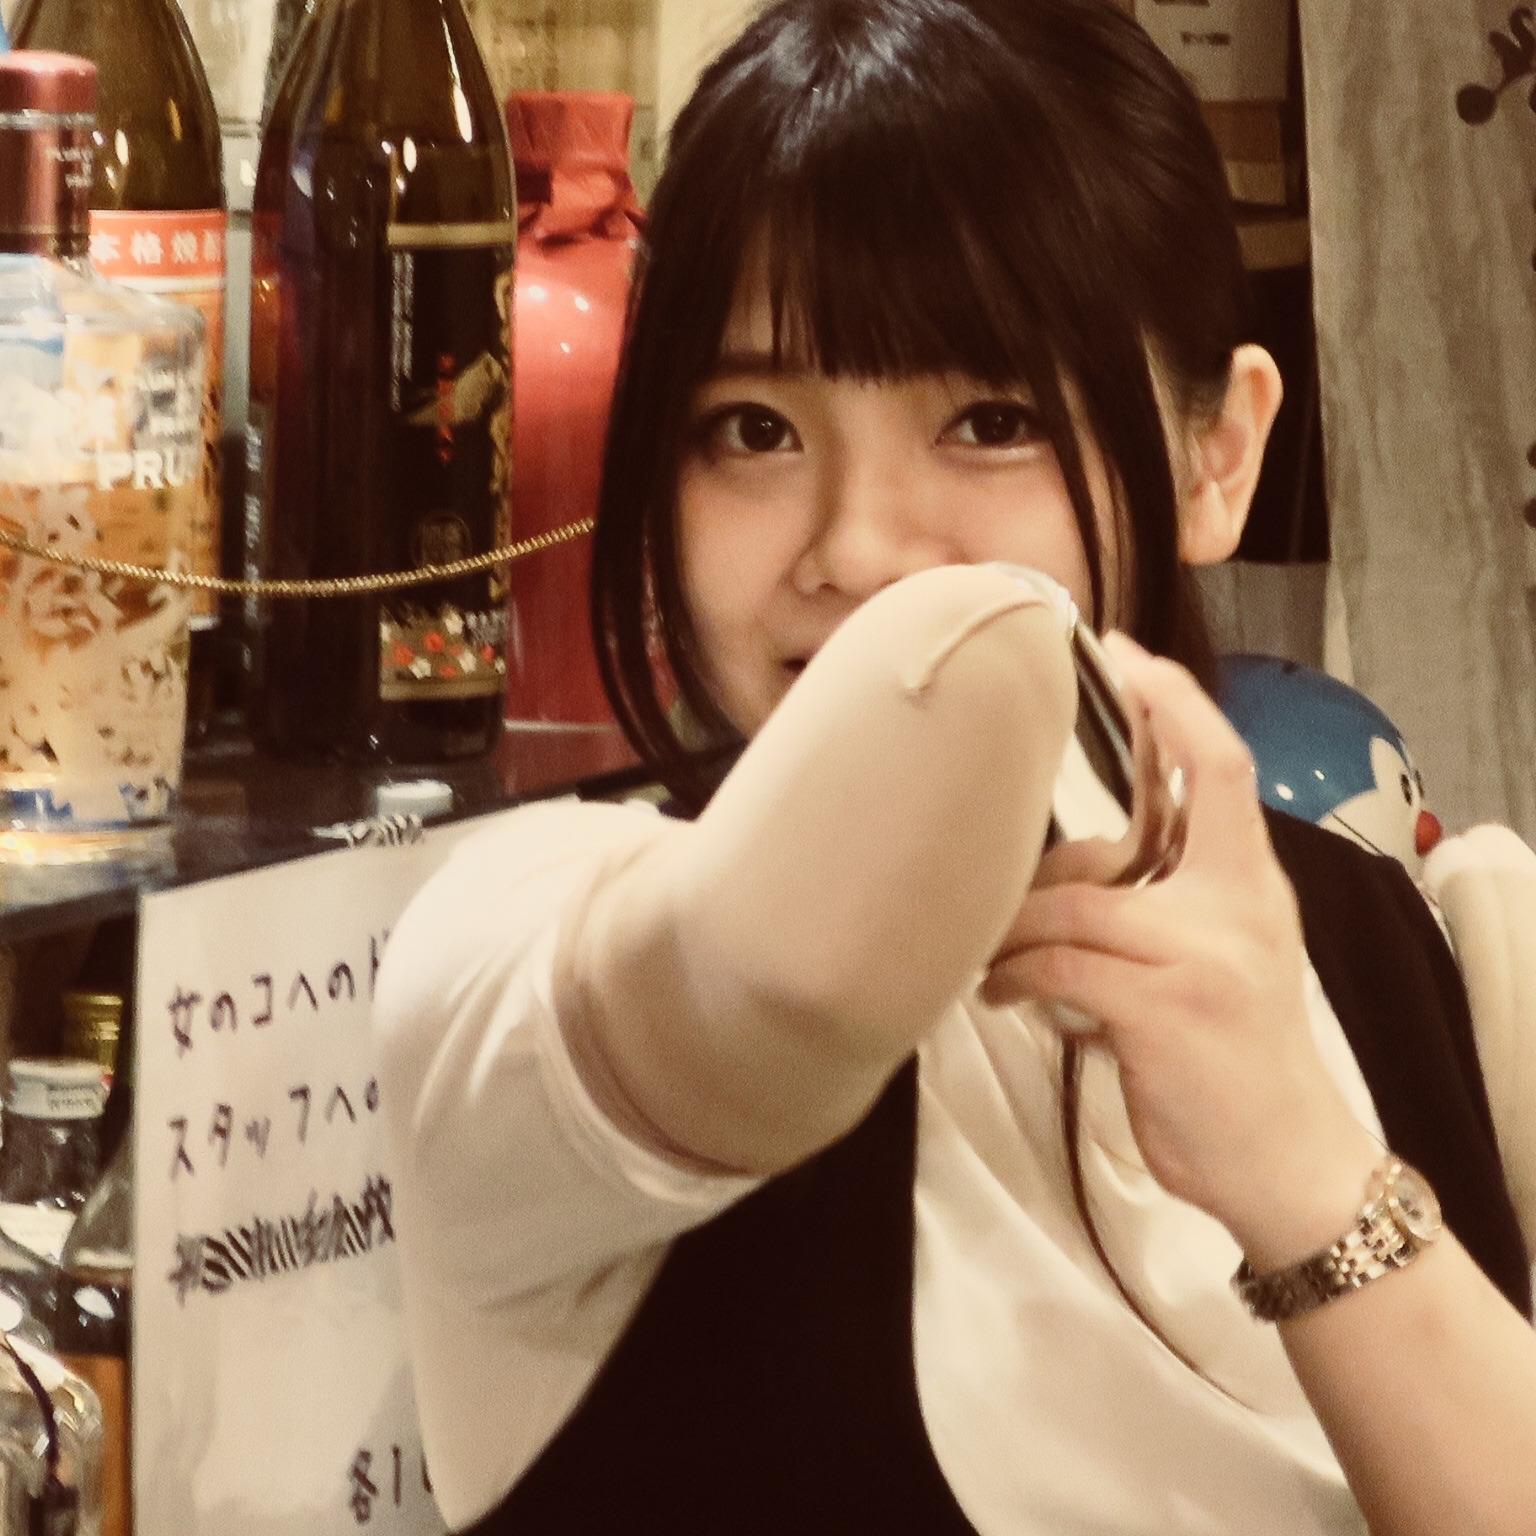 『Bar 琴音 2018.01』@新宿ゴールデン街からーず。一般予約